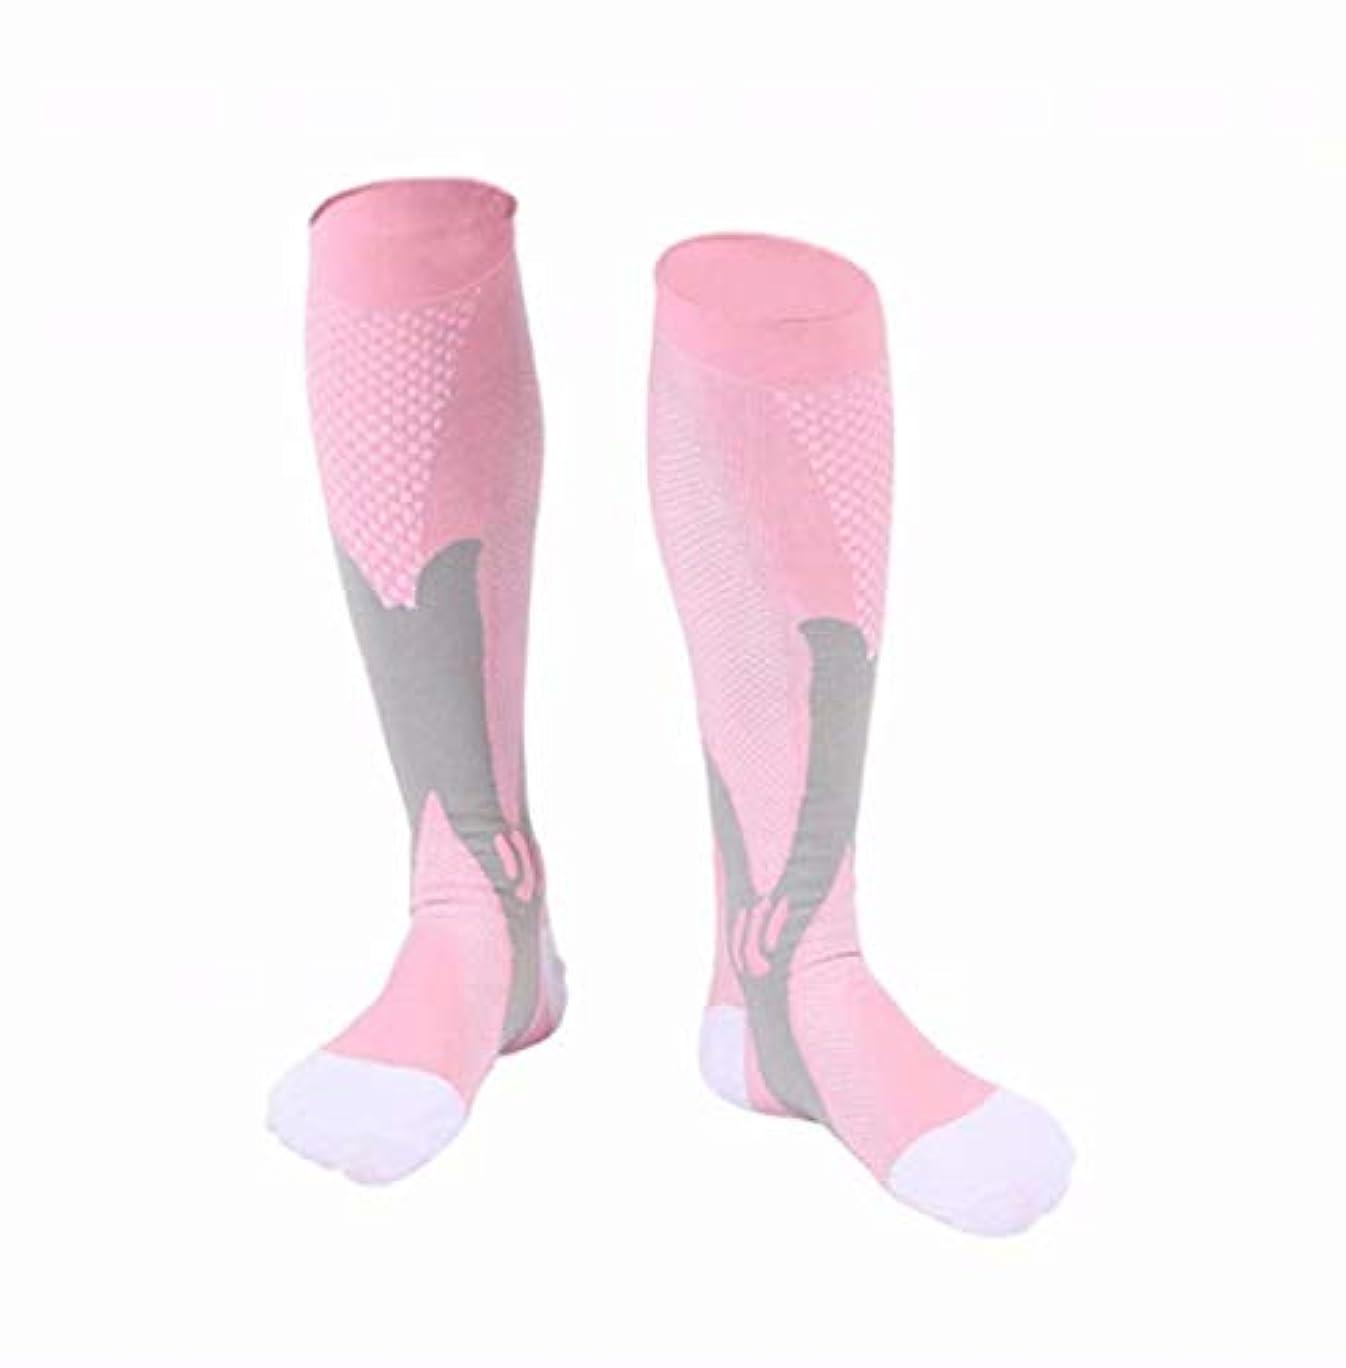 通行料金顕微鏡奇跡七里の香 圧縮靴下 医療ストッキングマタニティトラベル